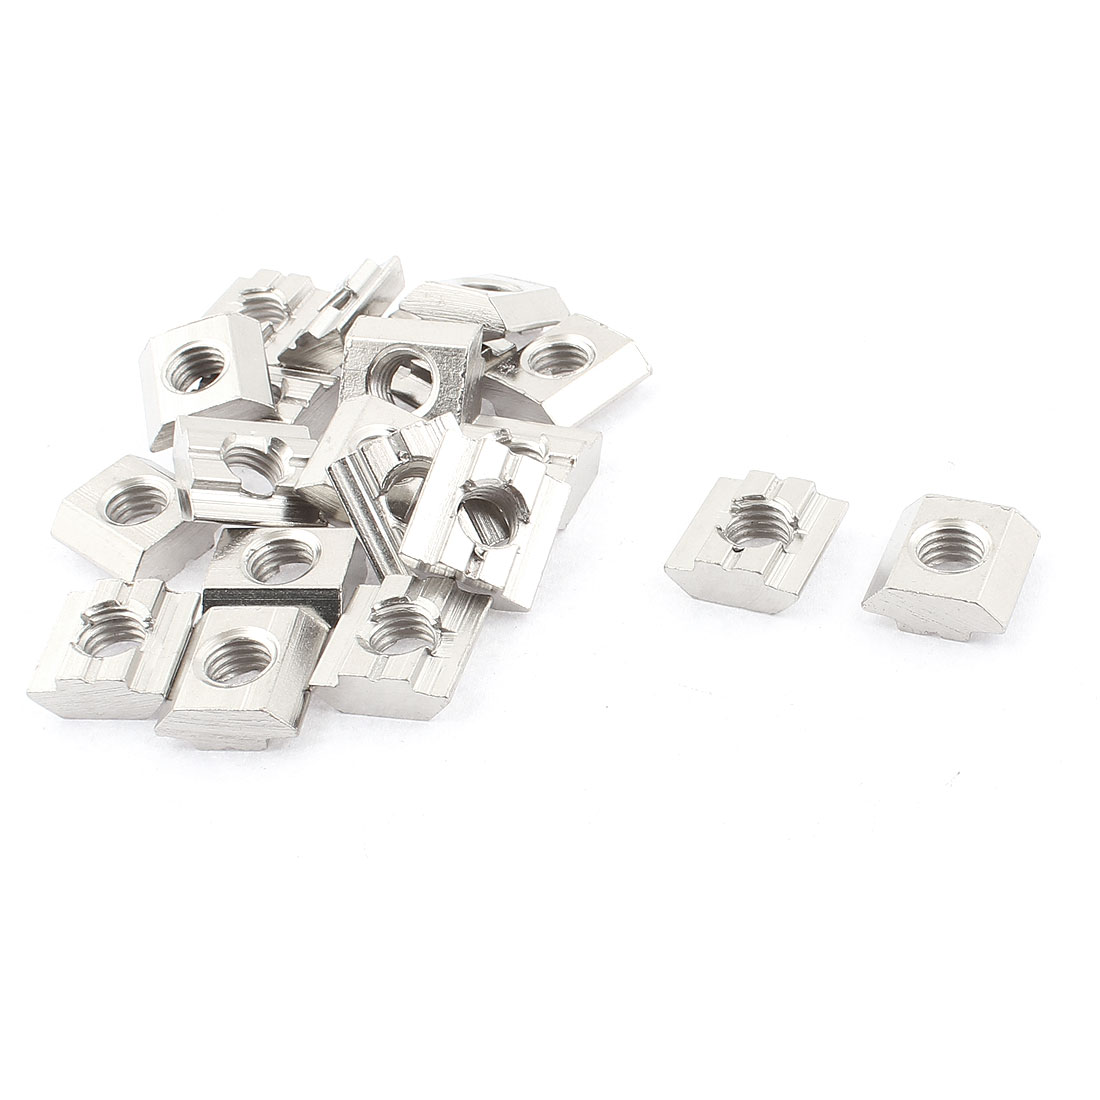 M8 Female Thread Metal T-slot Sliding Block Slot Nut Silver Tone 20pcs